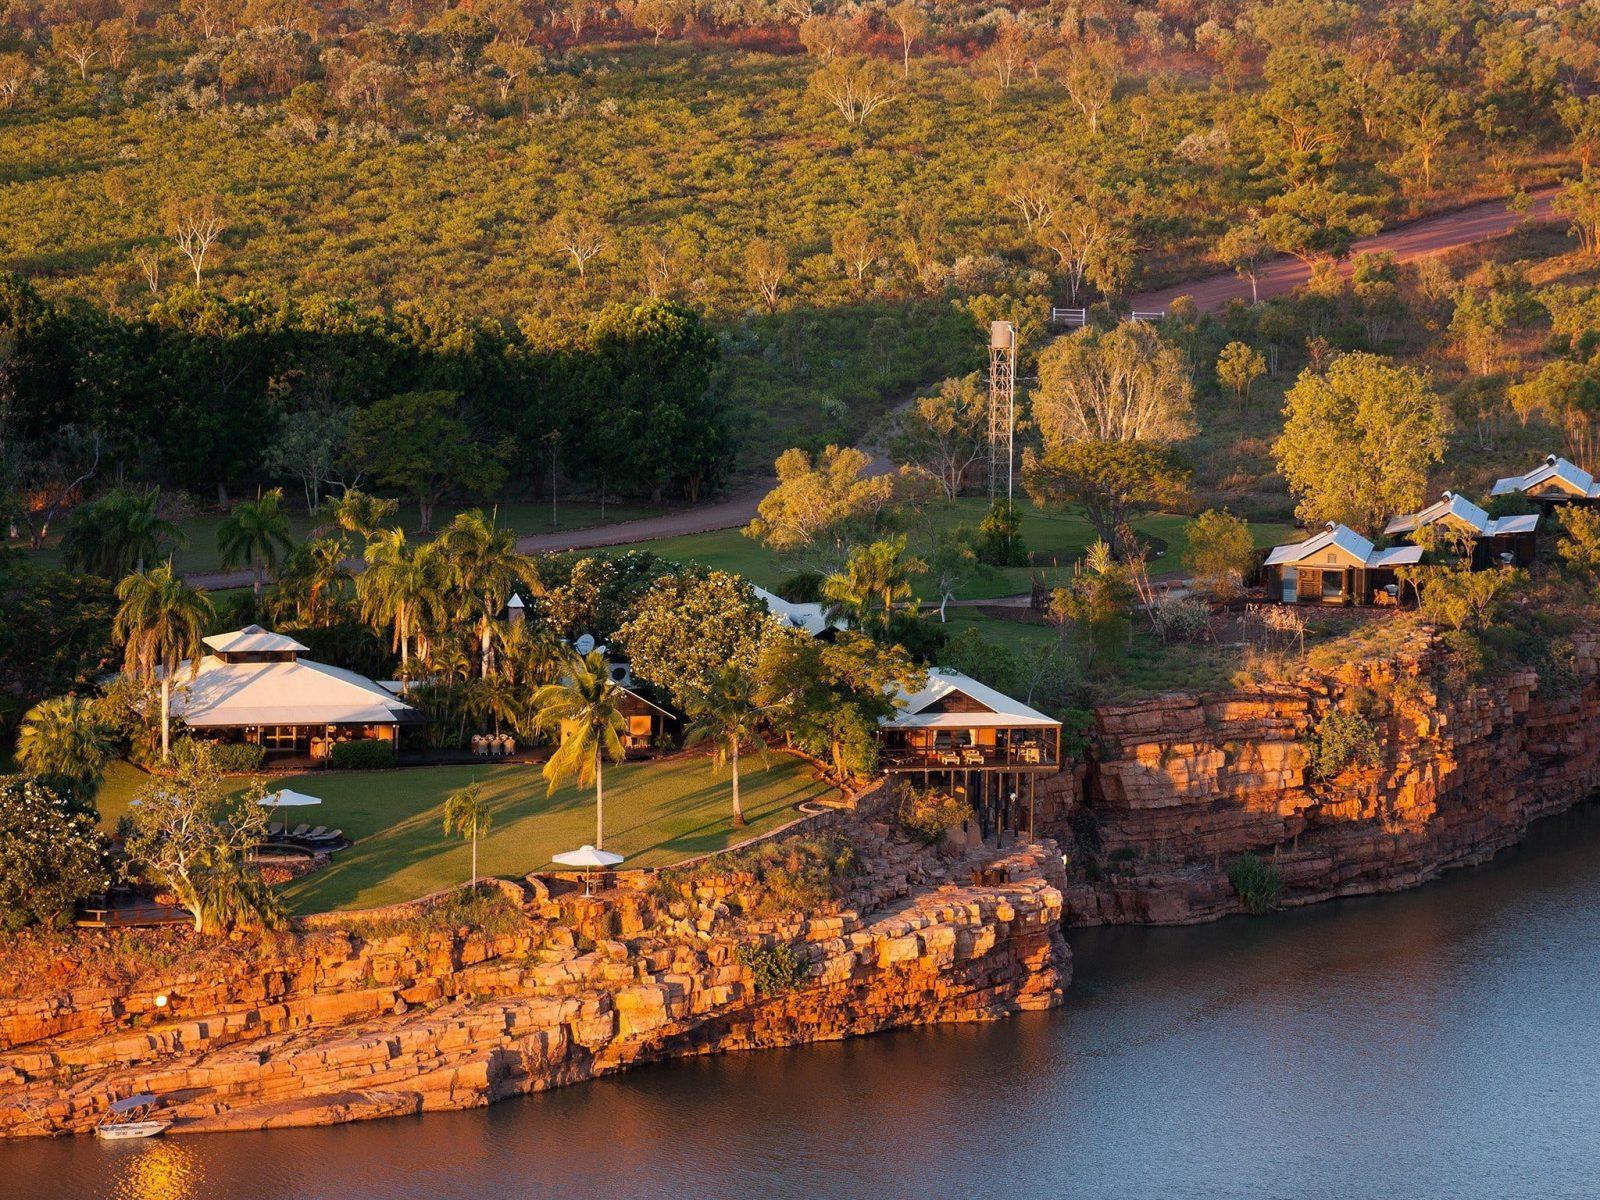 El Questro Homestead, Kununurra, Western Australia